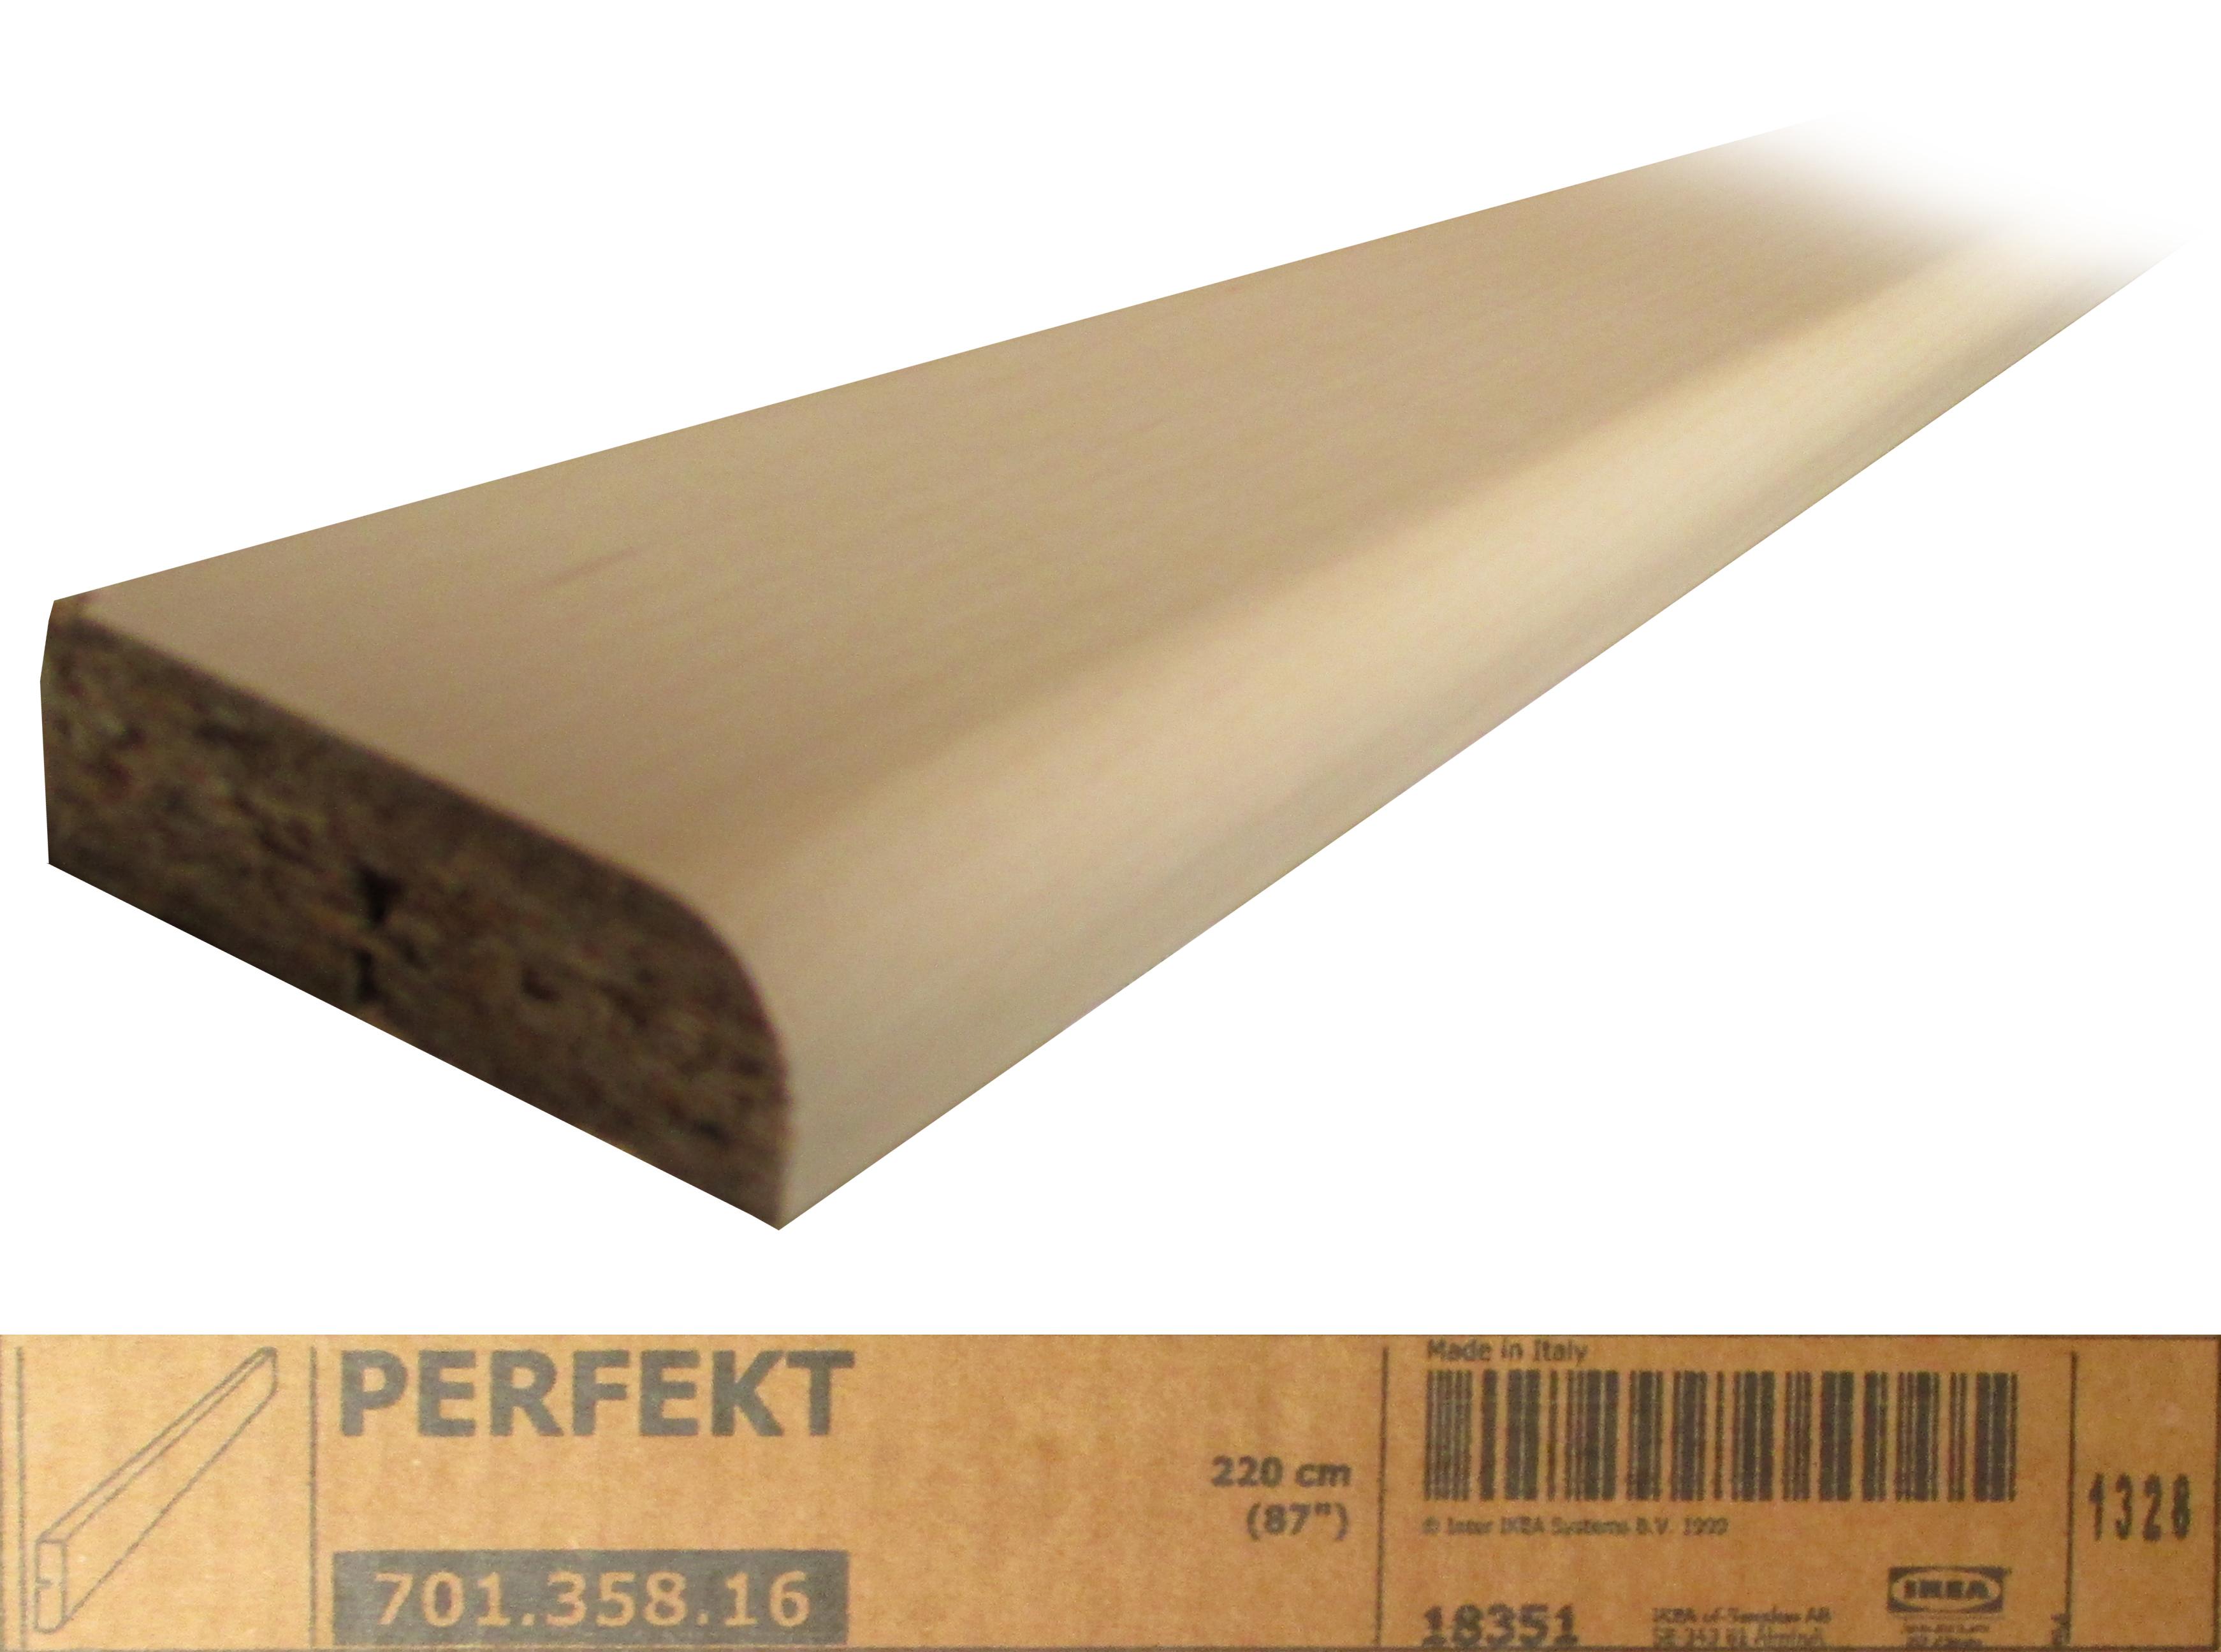 Friheten Ikea Sofa Bed Review ~ IKEA Perfekt Dekorleiste 220×6 in birkenfurnier hell 701 358 16